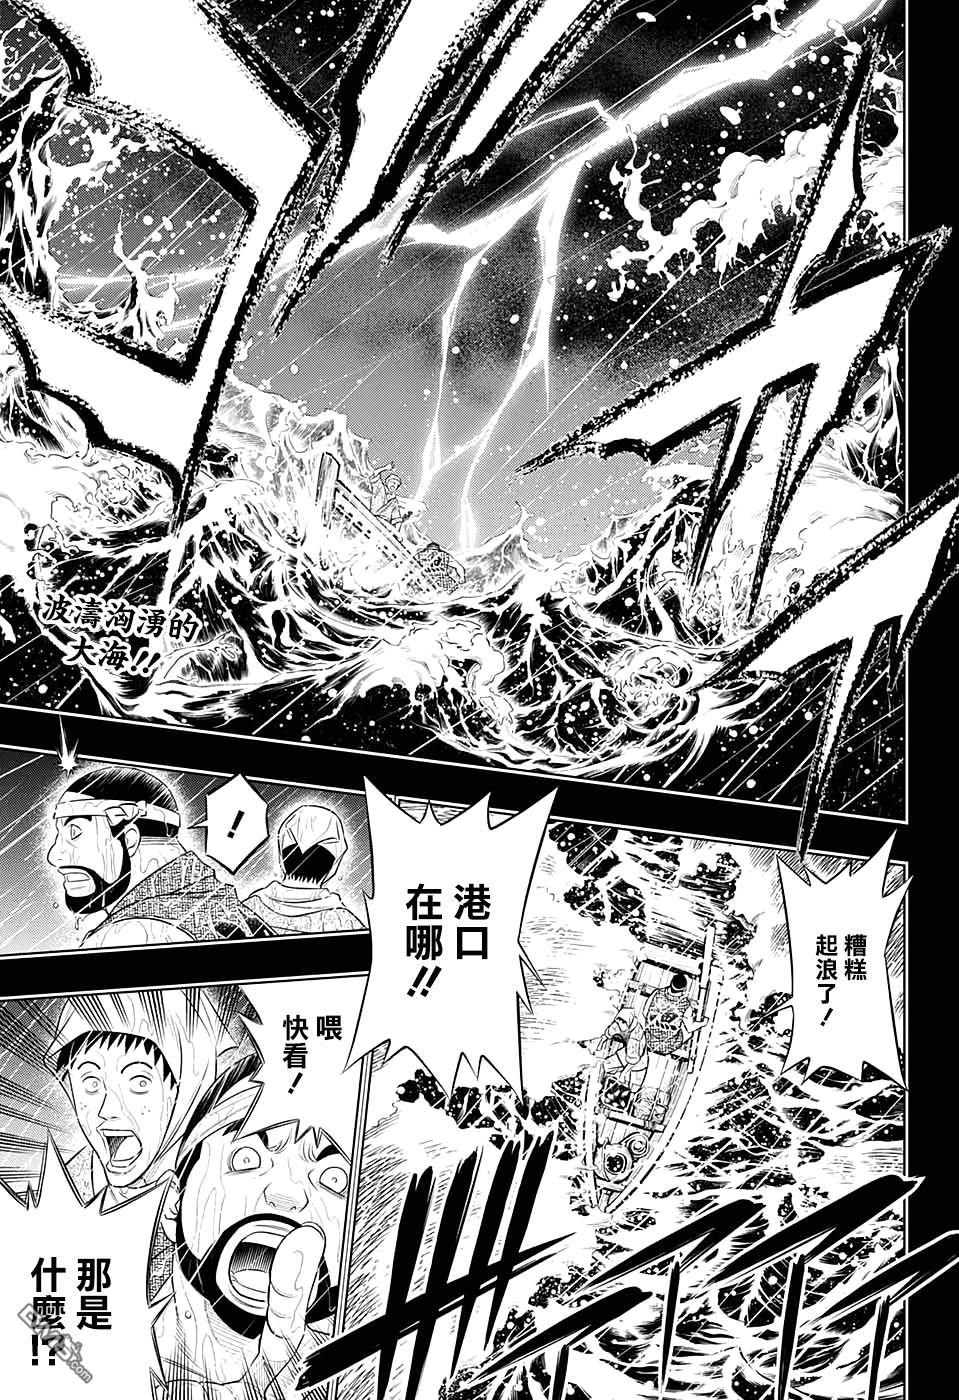 浪客劍心北海道篇02 (第2頁)劇情-奴奴漫畫